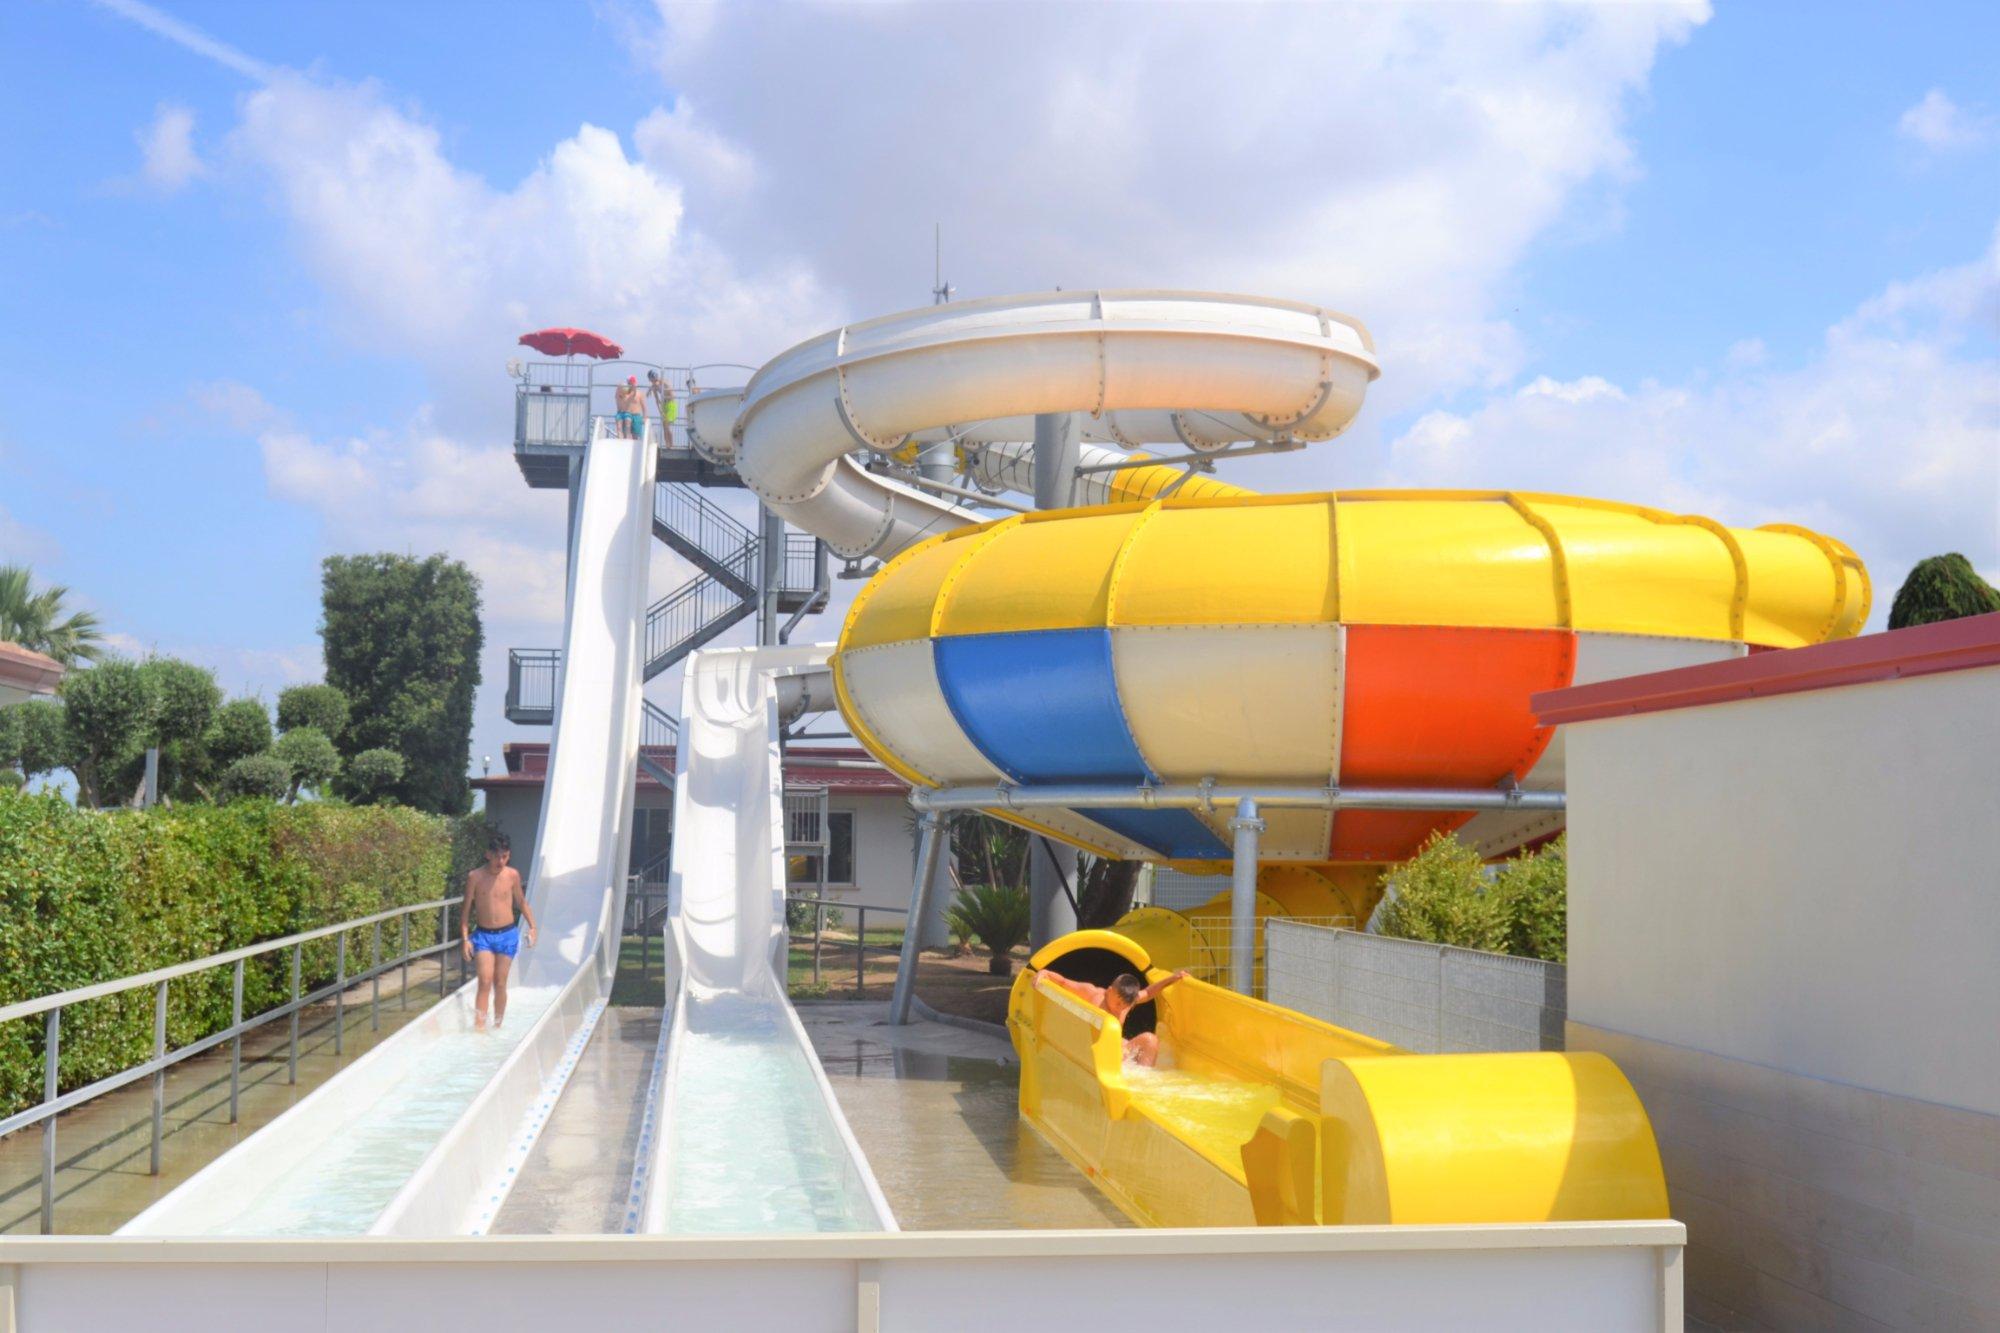 Parco Acquatico Free Time